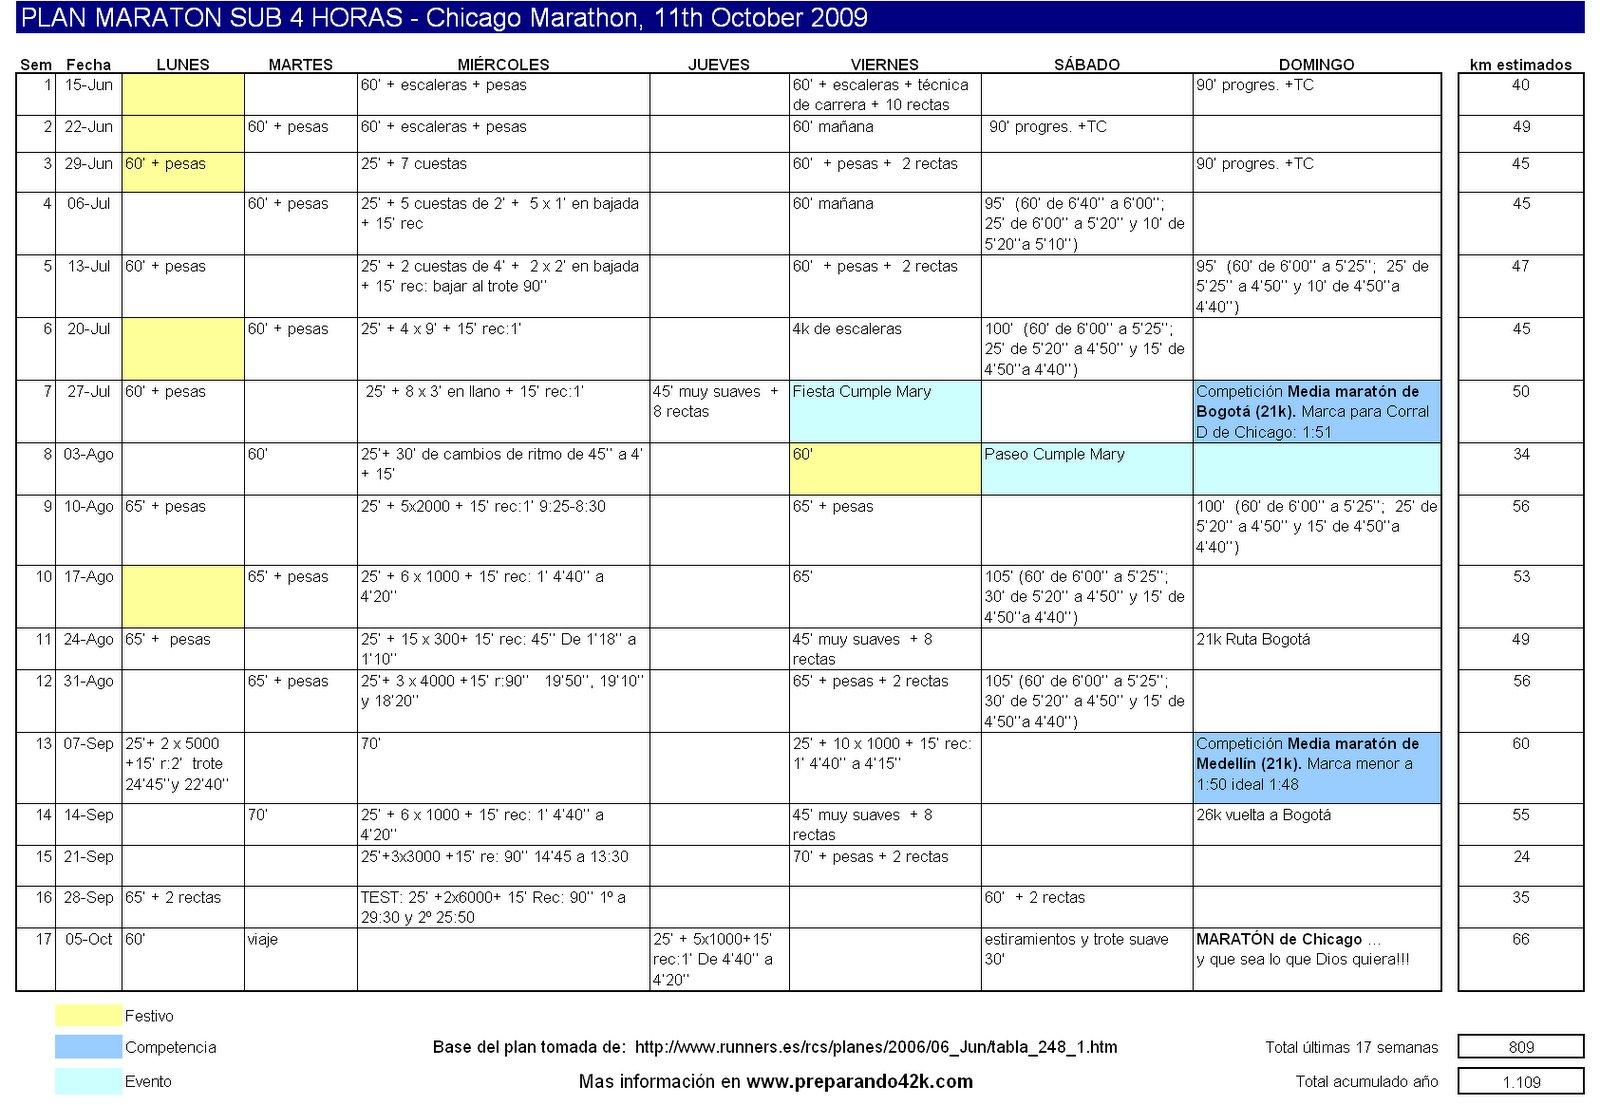 Plan de 17 semanas para preparar la Maratón de Chicago. click en la tabla para ver imagen completa